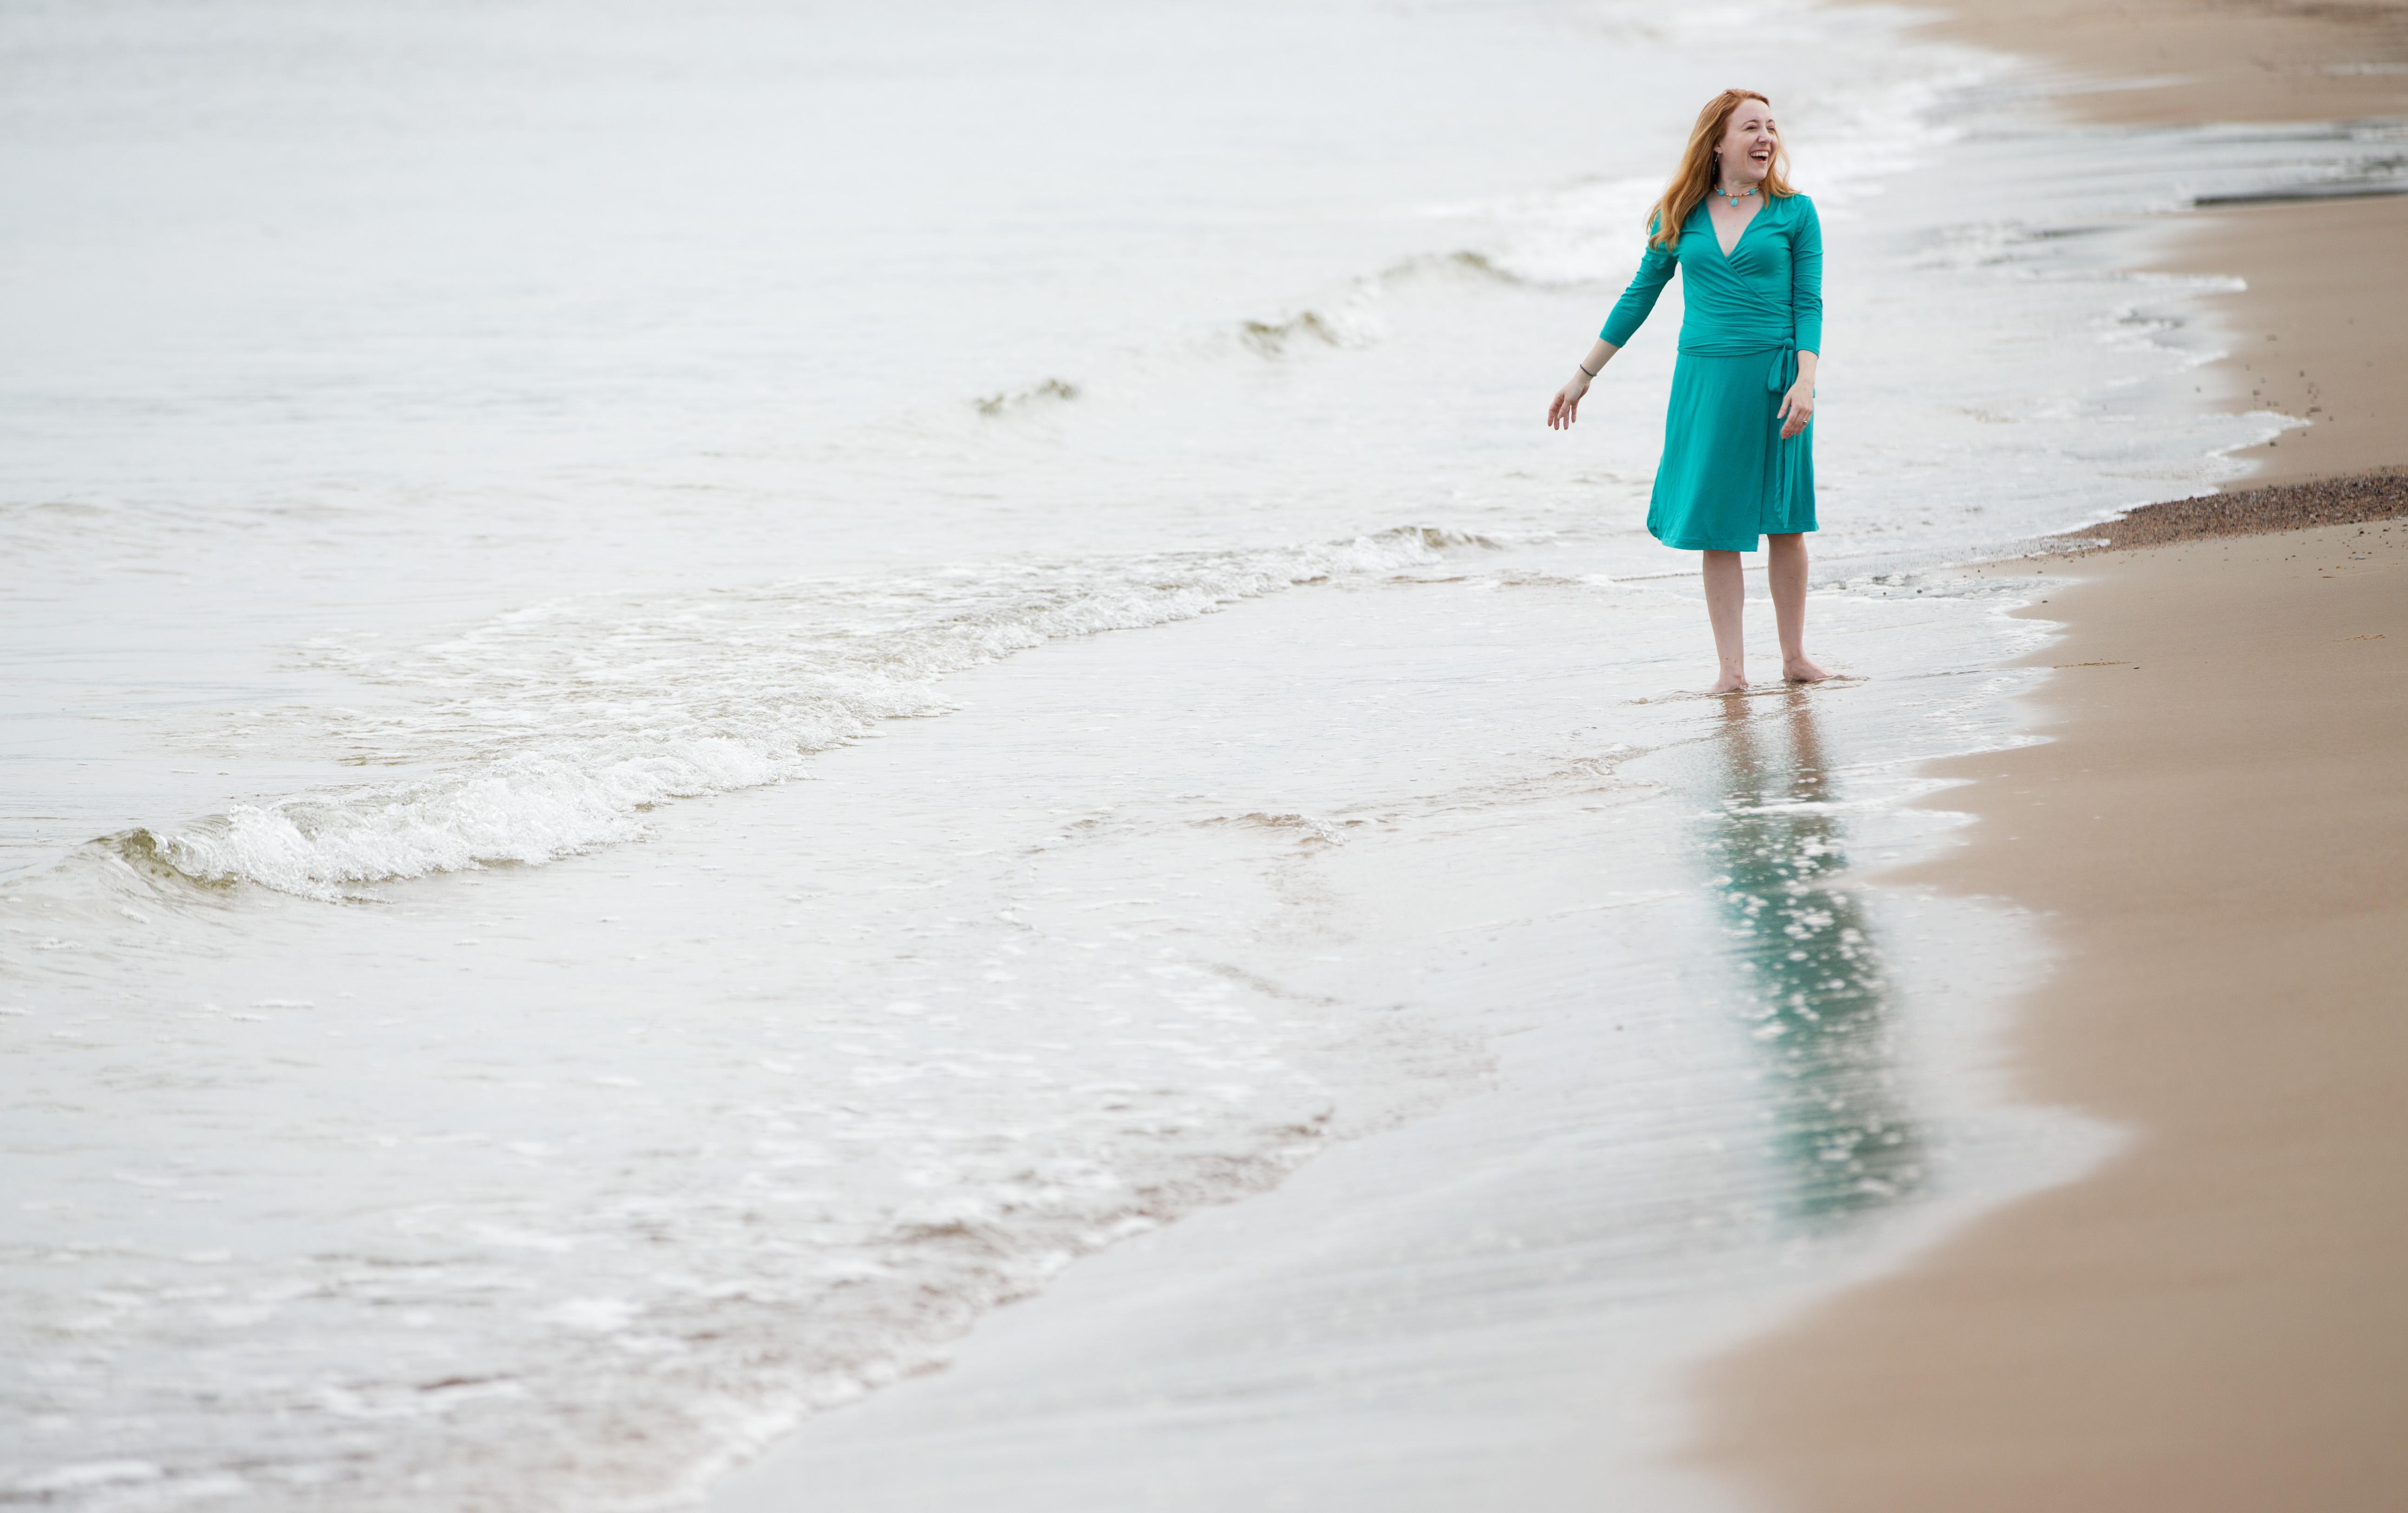 Katie Beach